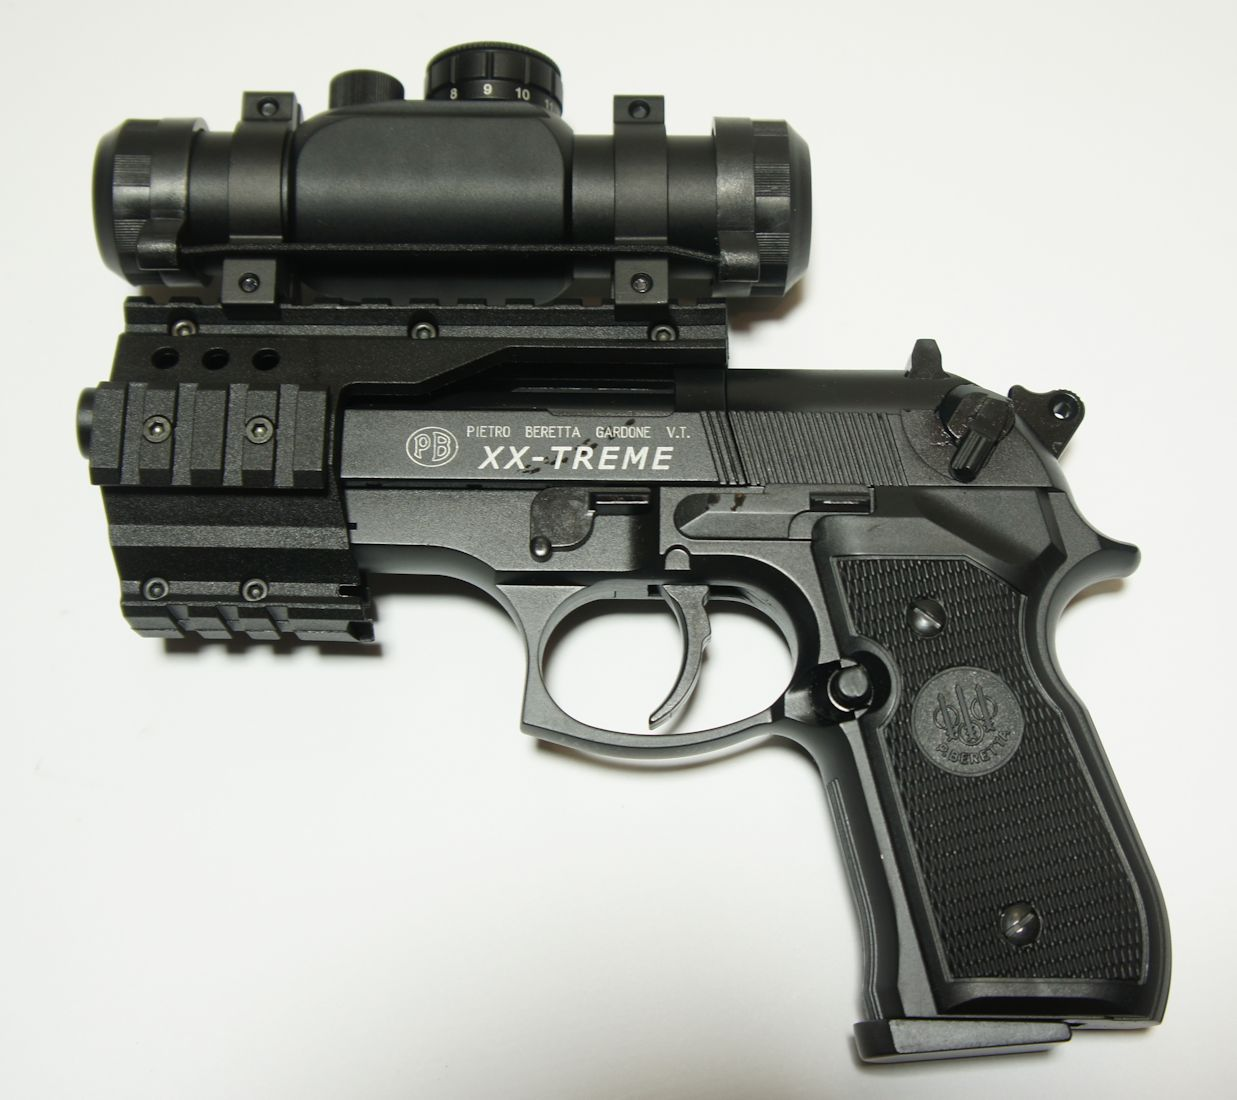 Co2-Pistole Beretta XX-Treme